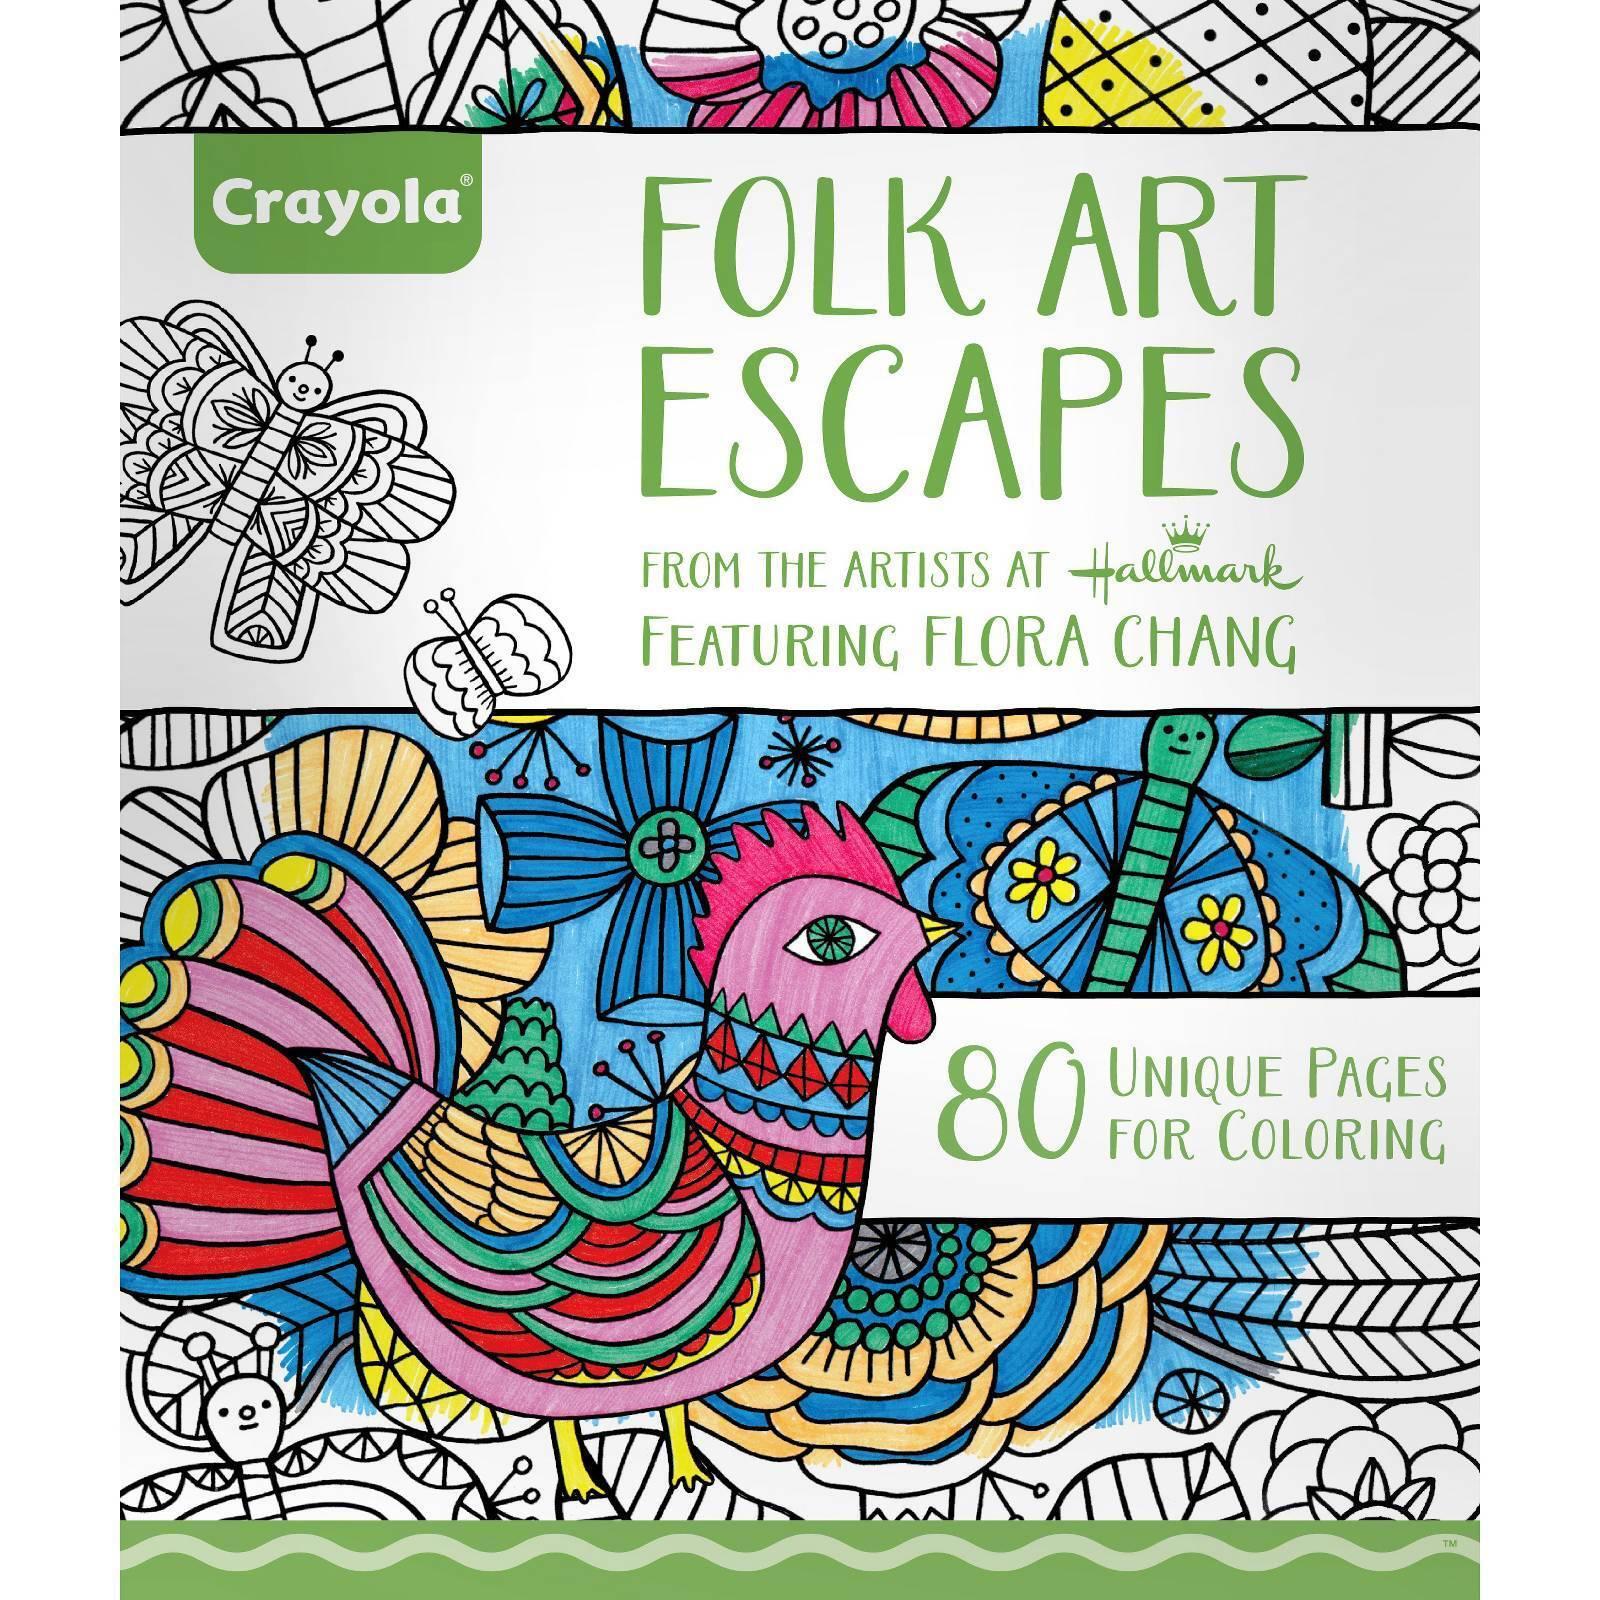 Crayola Folk Art Escapes Coloring Book - 529662 | eBay